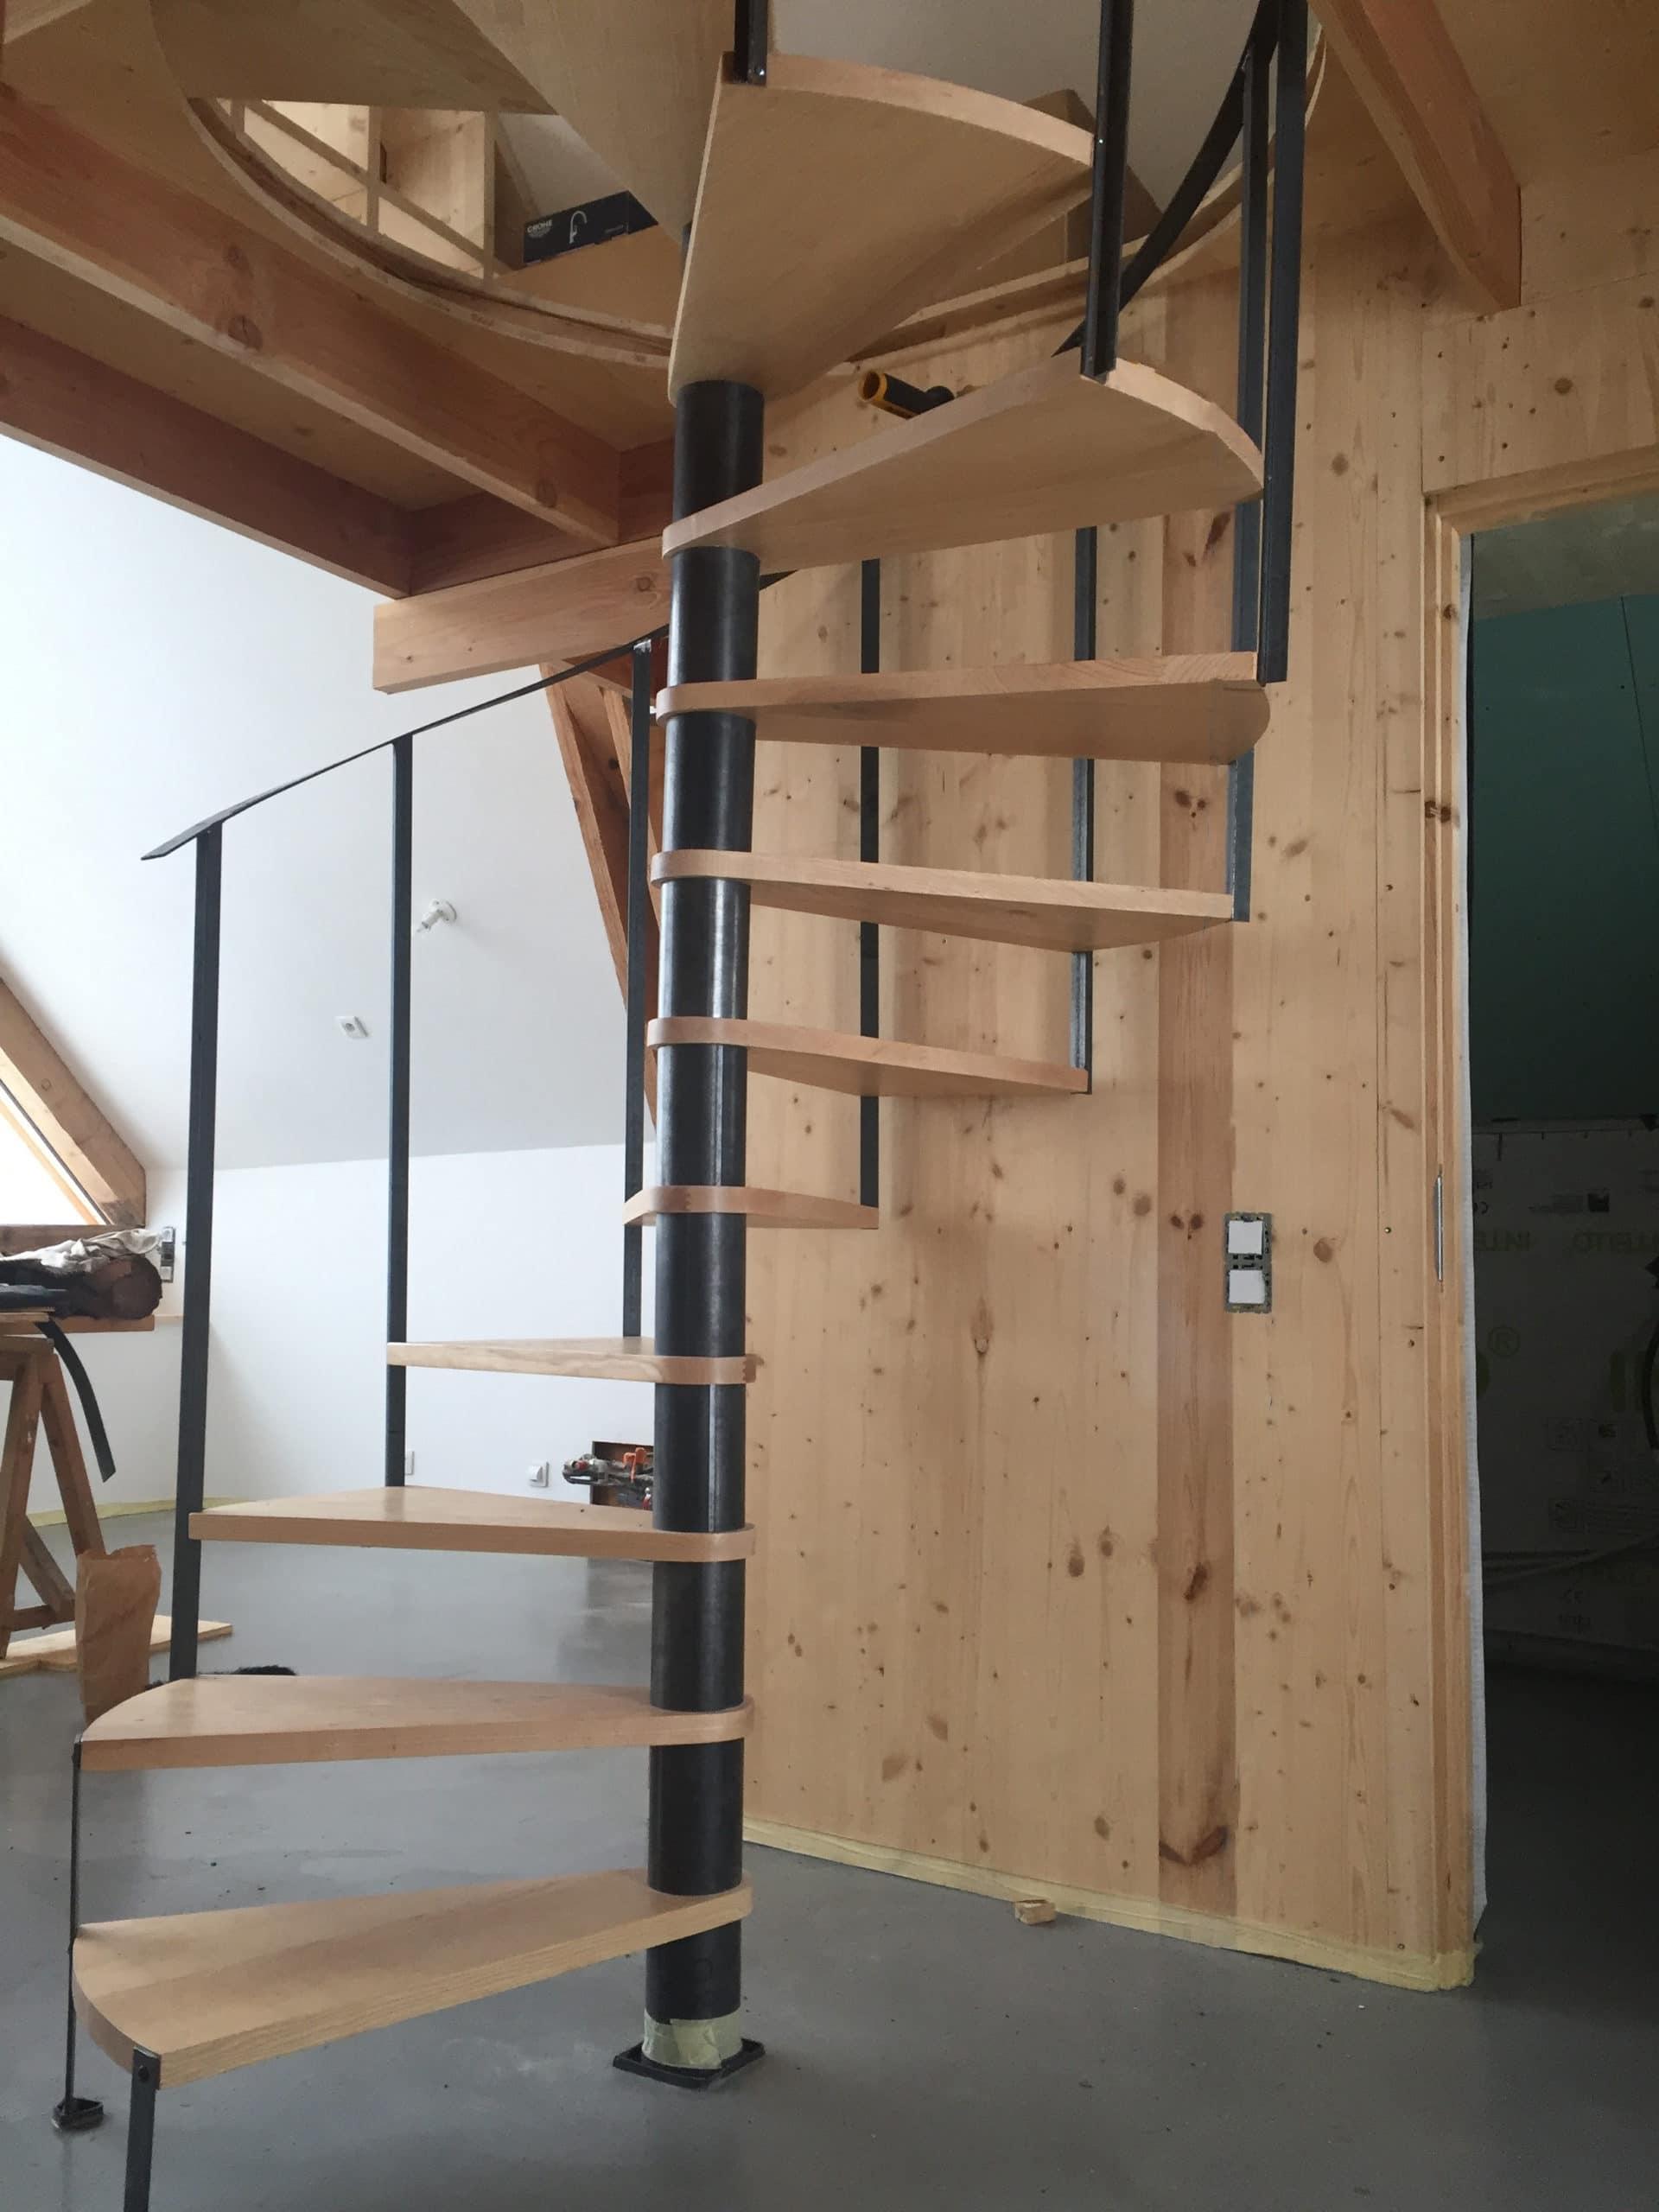 Escalier à colimaçon hélicoïdal bois et métal marches suspendus design industriel